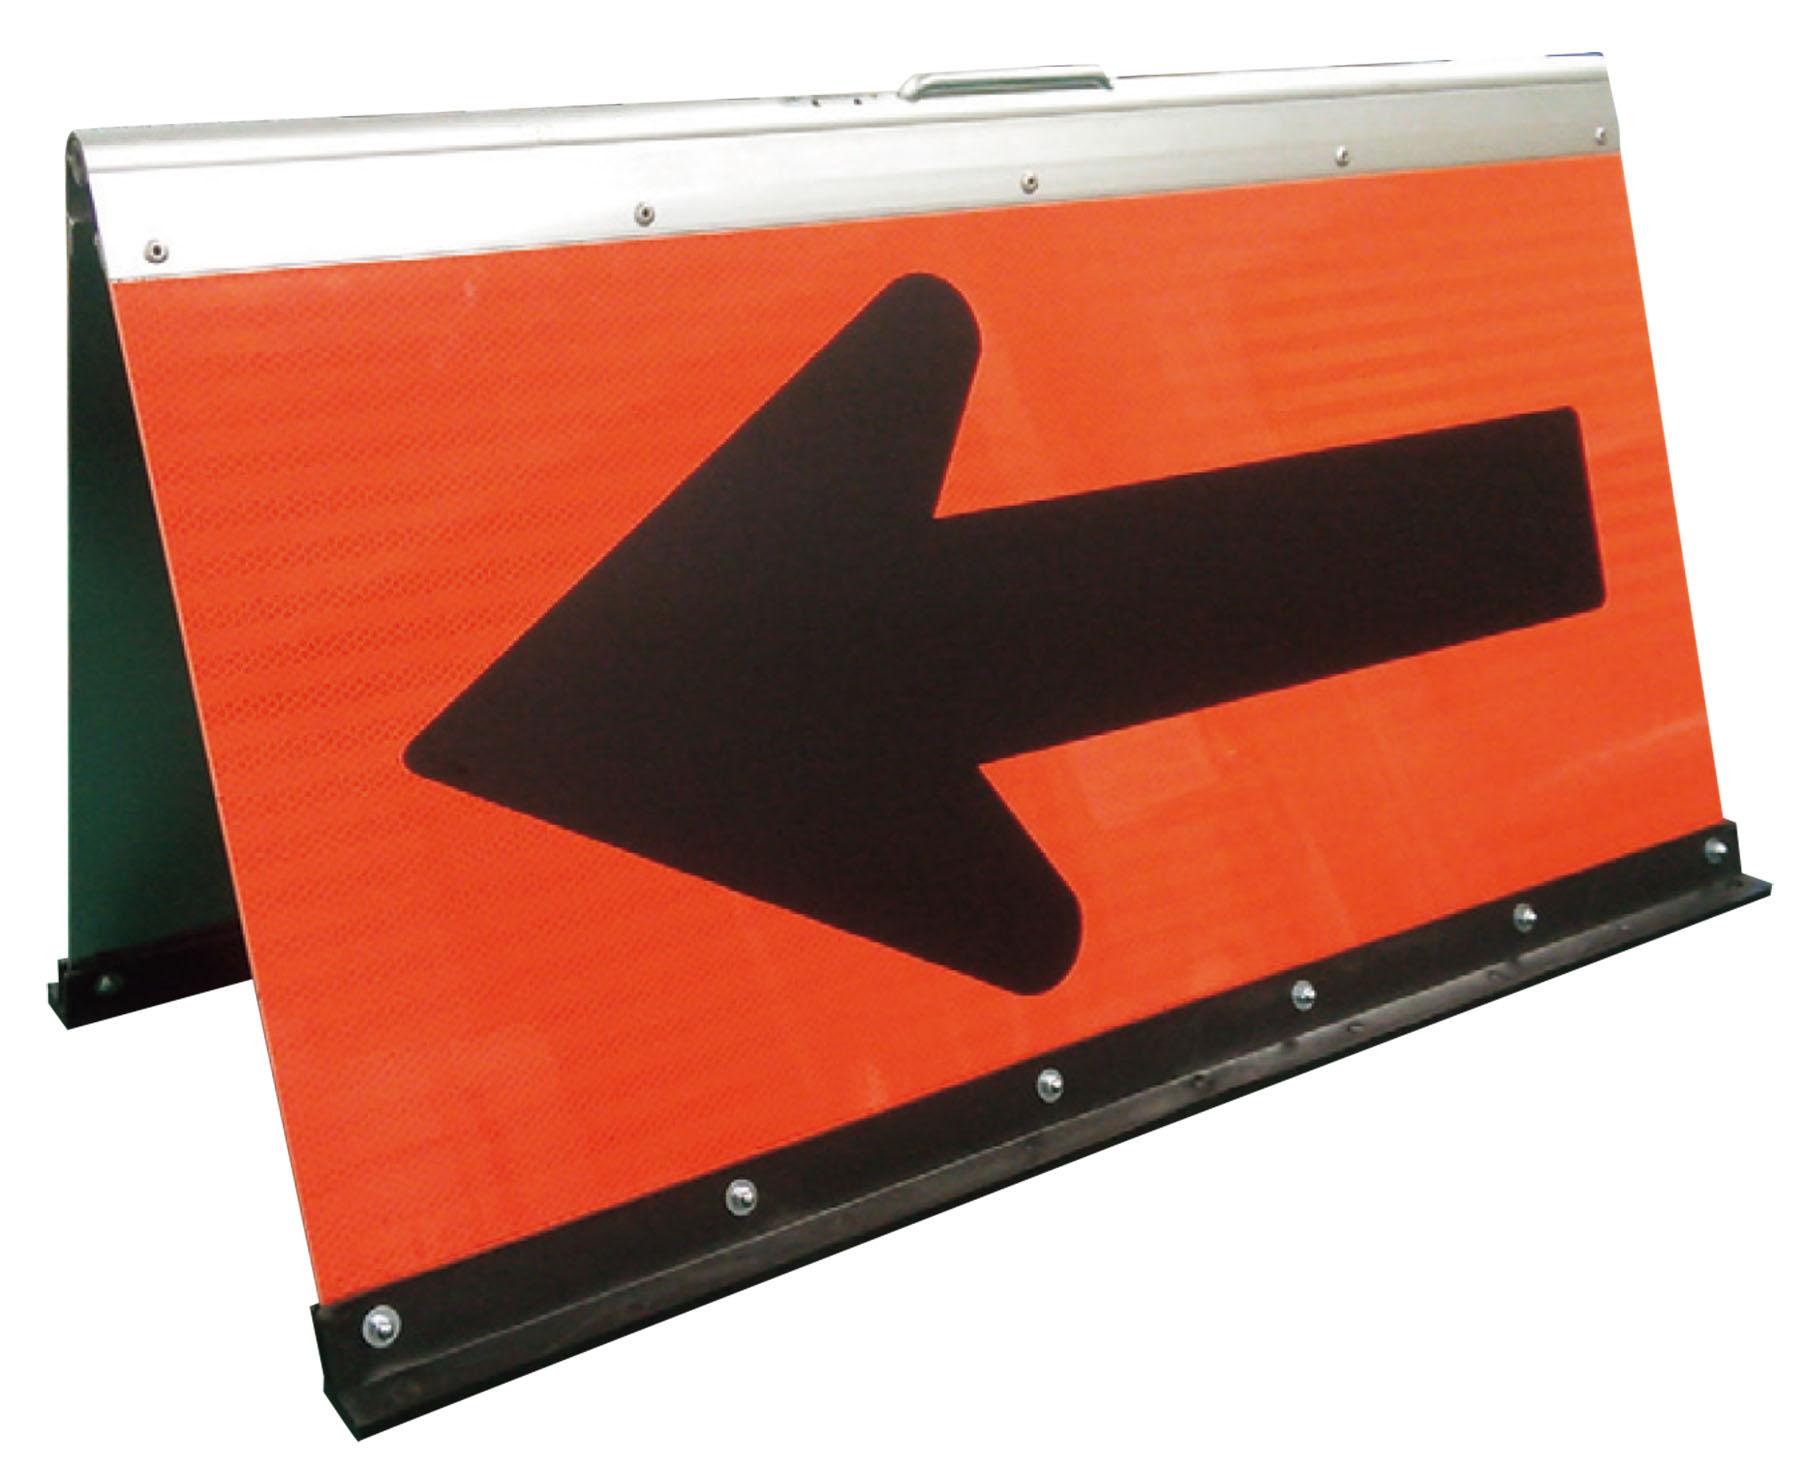 蛍光高輝度二方向矢印板 橙+黒矢 450X900